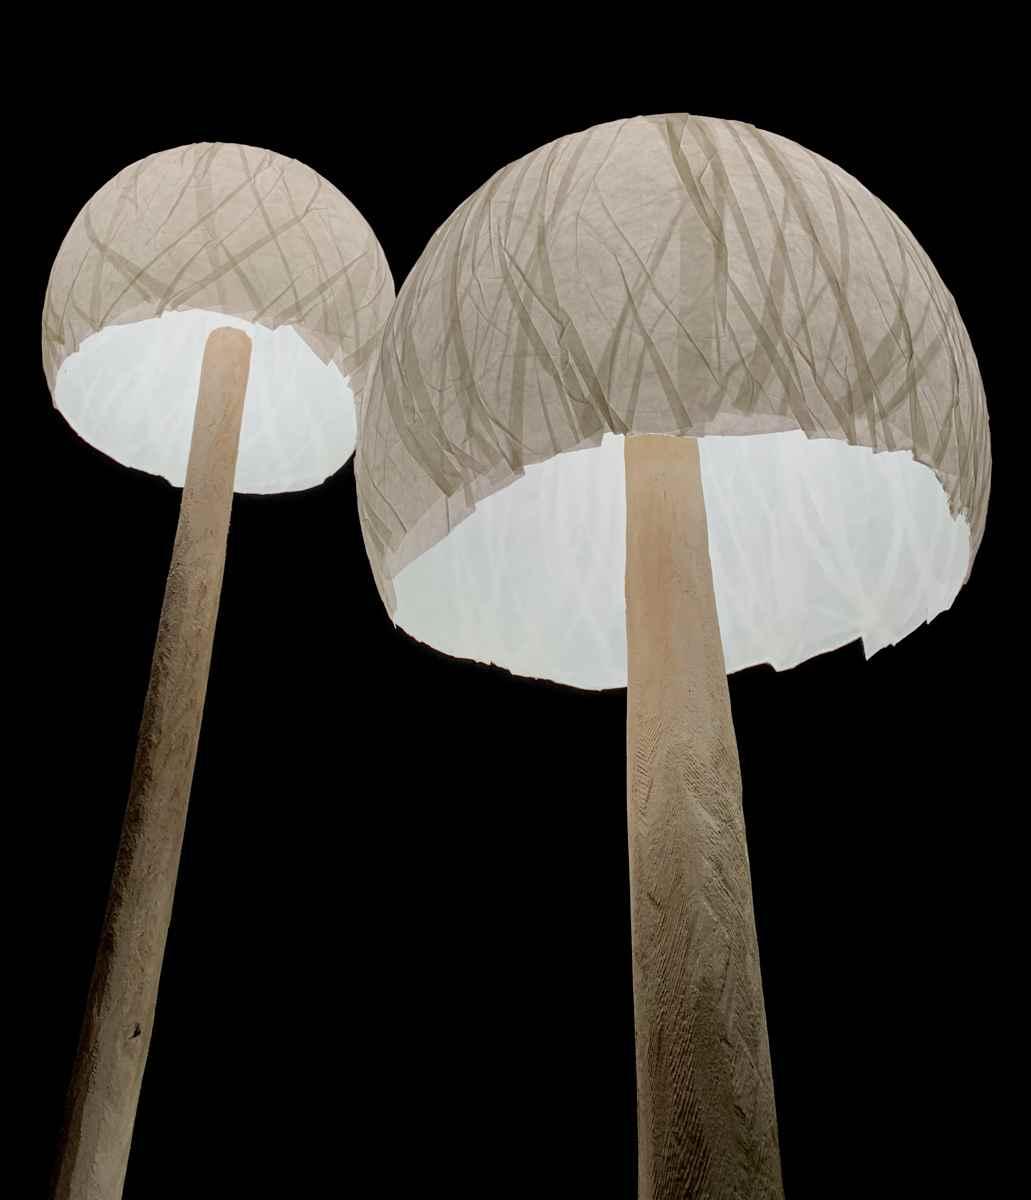 Faltenstruktur der Leucht-Pilze